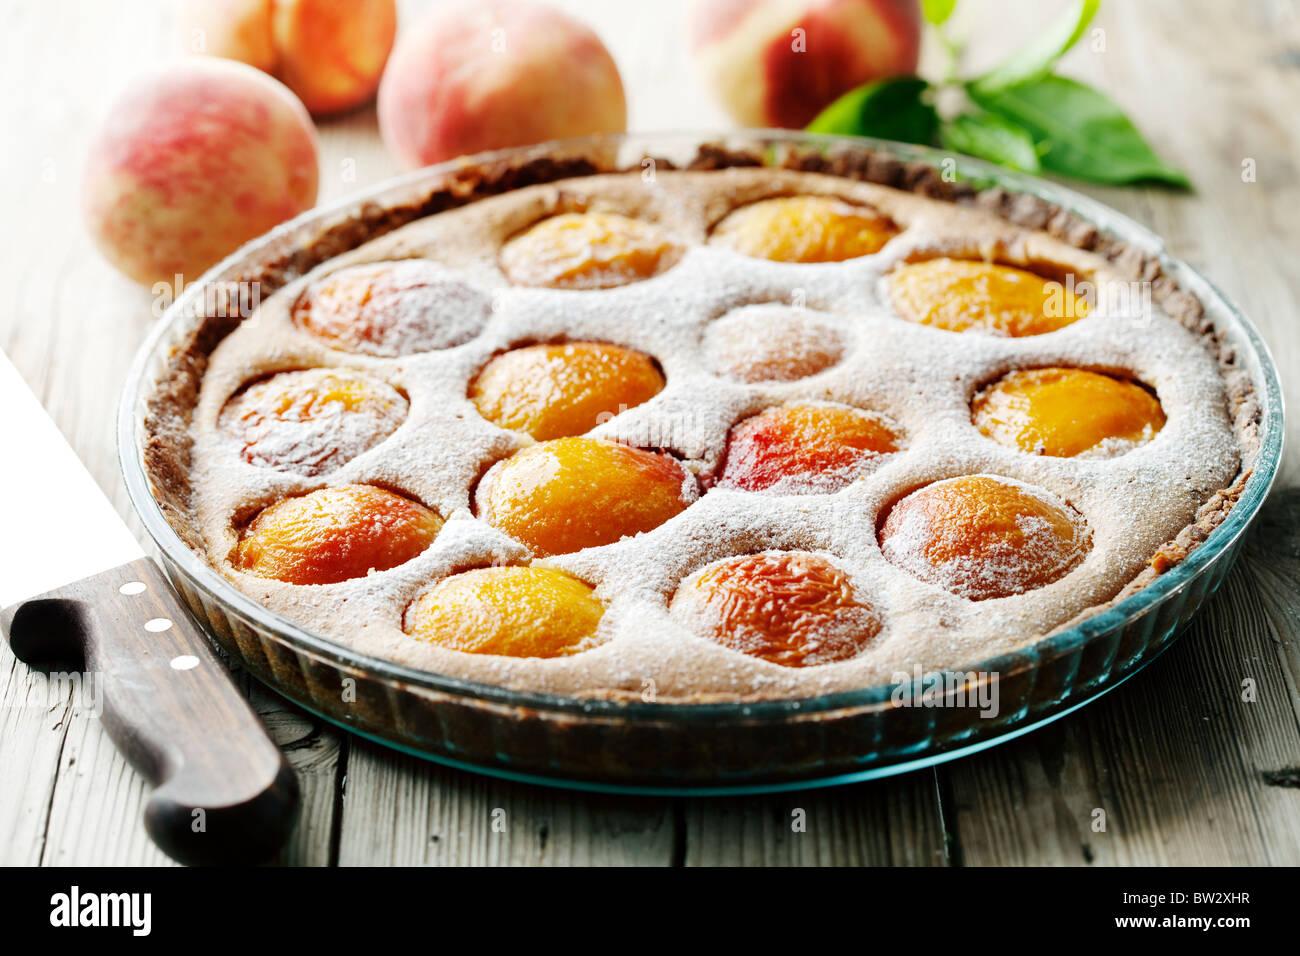 köstliche hausgemachte Pfirsich Torte gemacht mit frischen Bio-Zutaten Stockbild